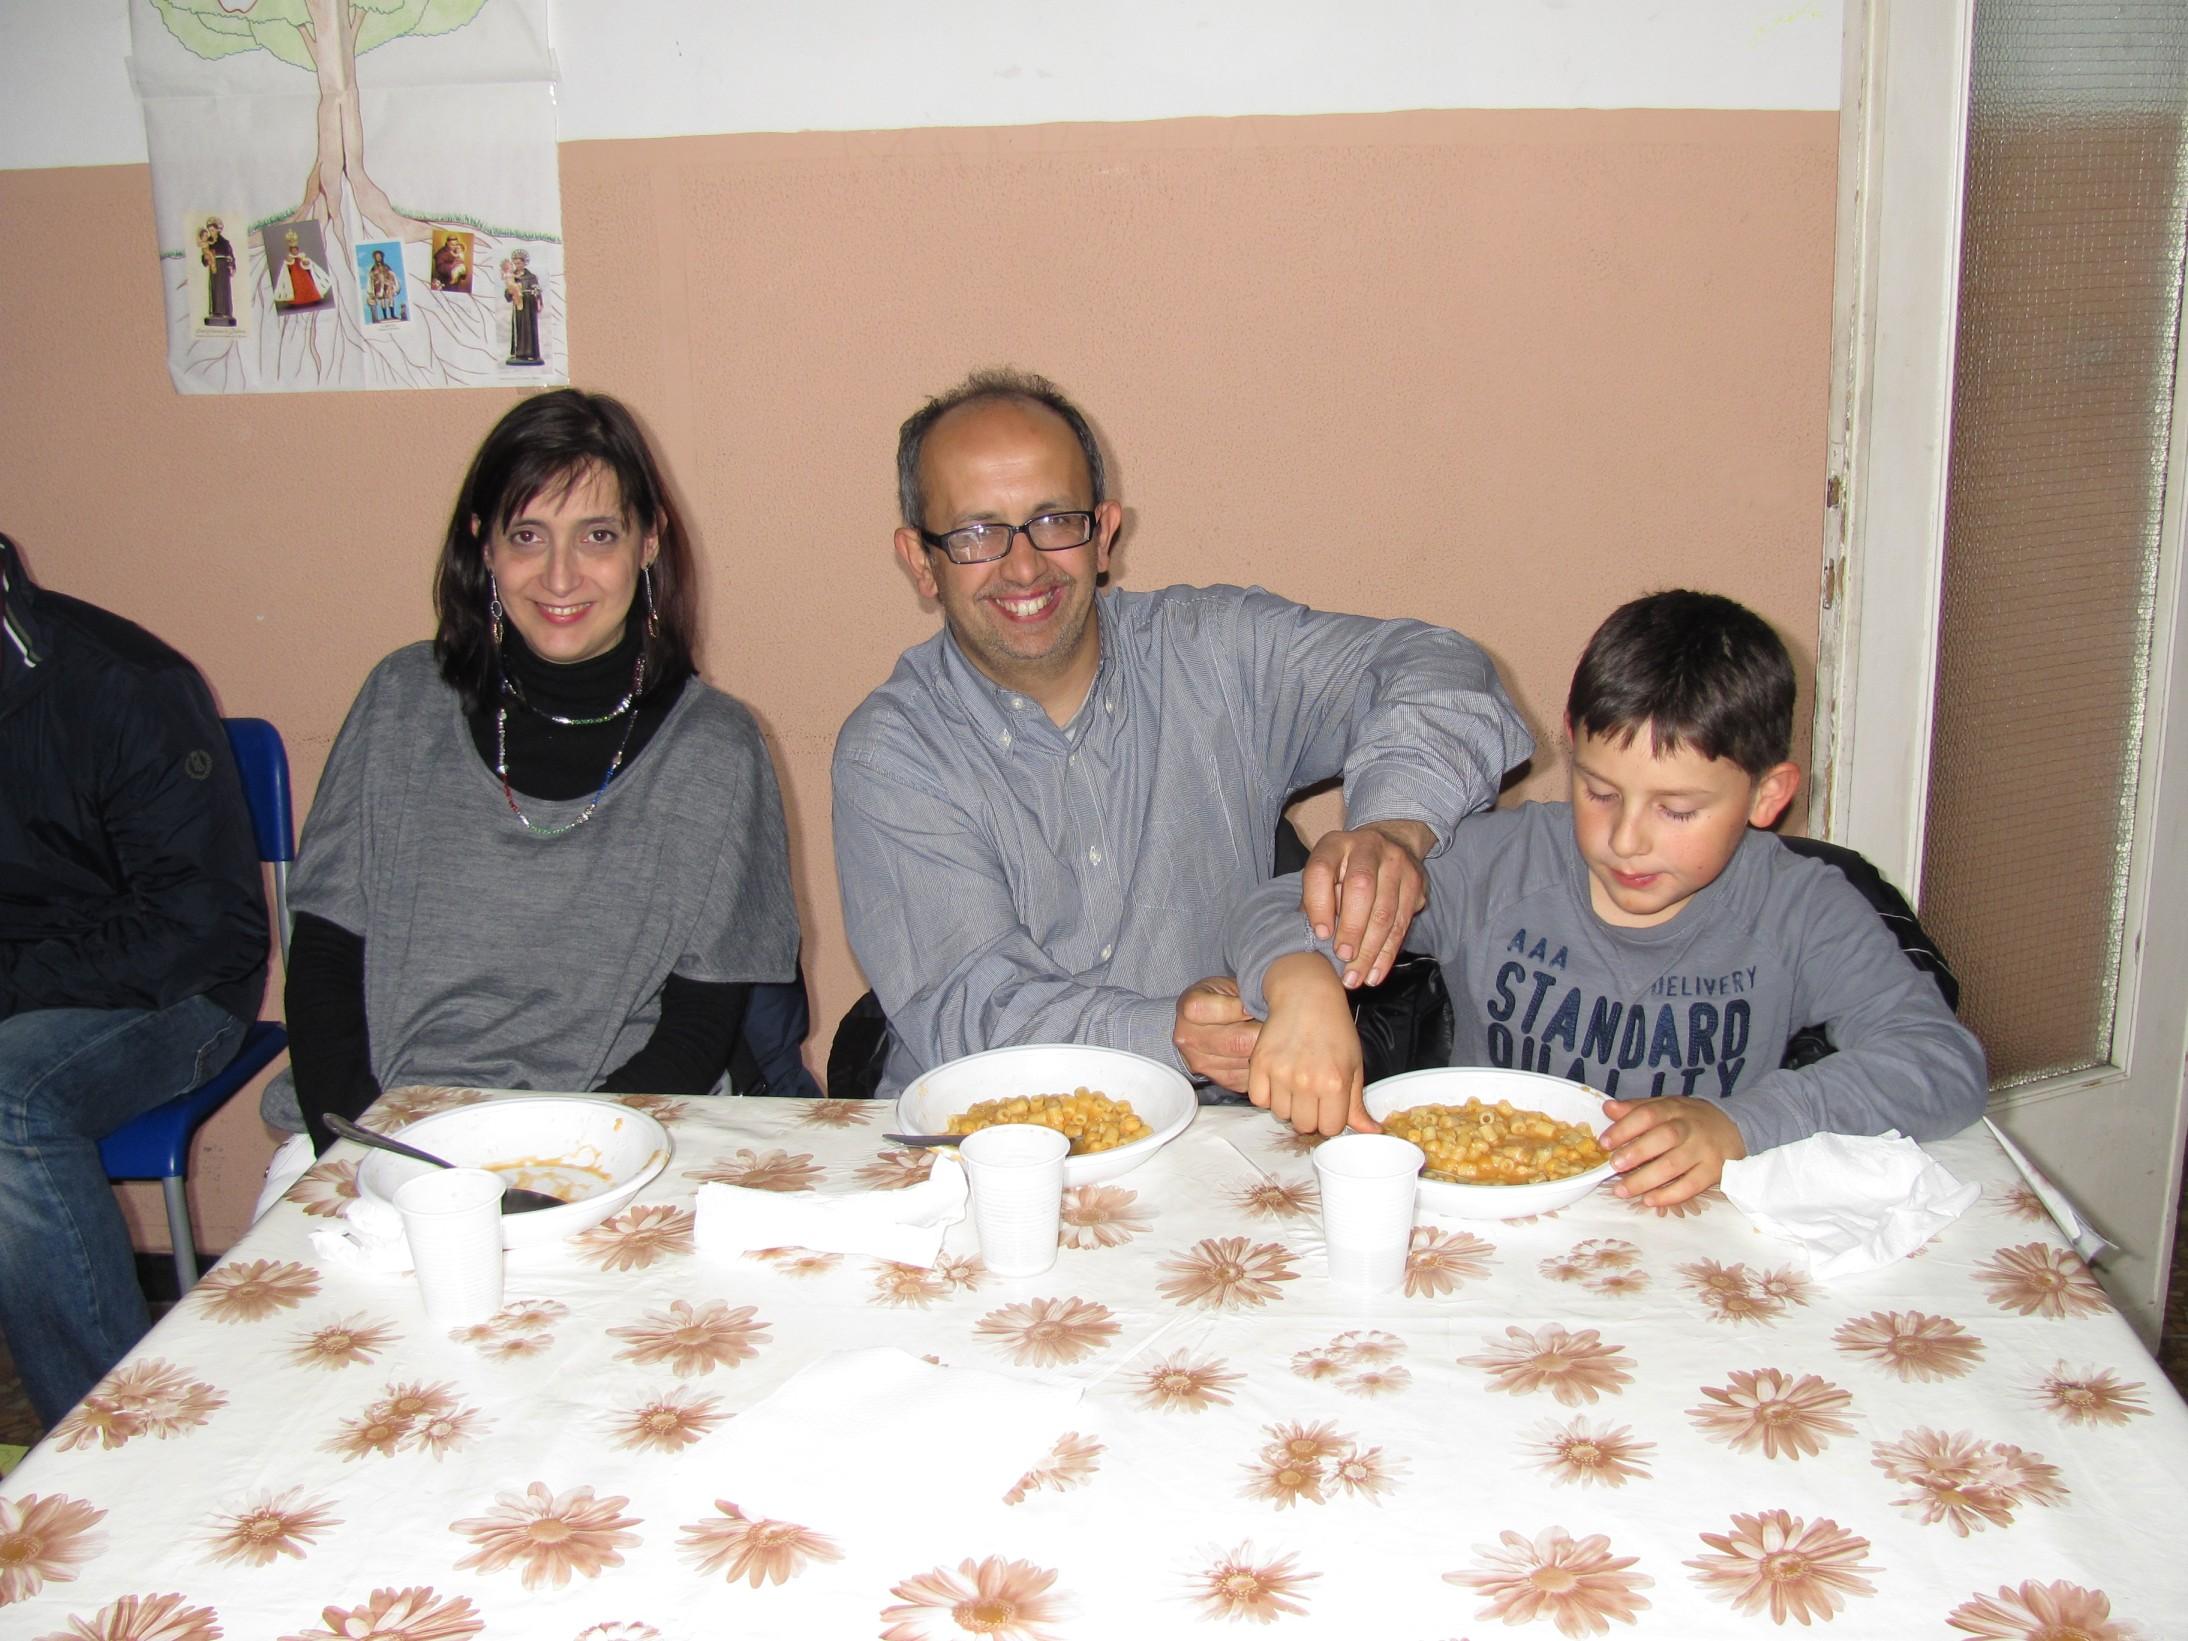 festa_papa_2012-03-17-19-35-11